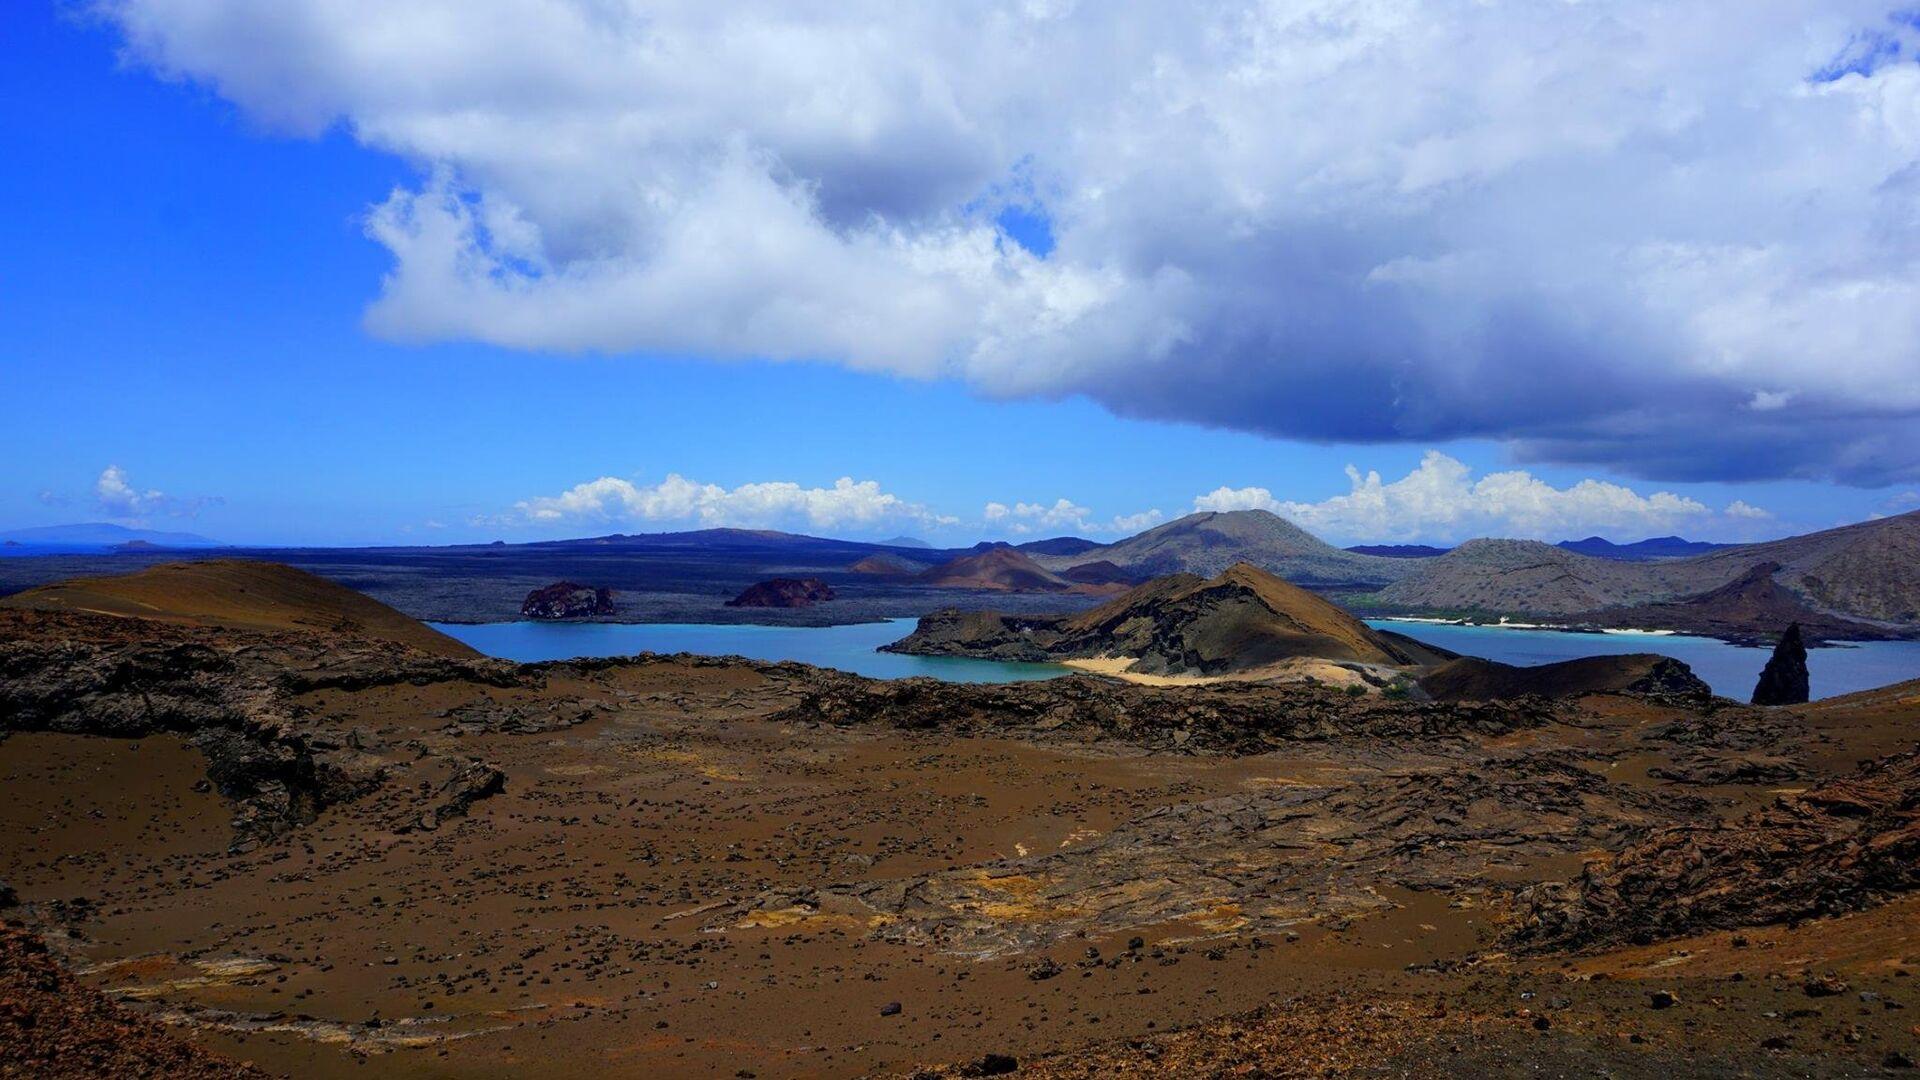 Las Islas Galápagos - Sputnik Mundo, 1920, 18.05.2021